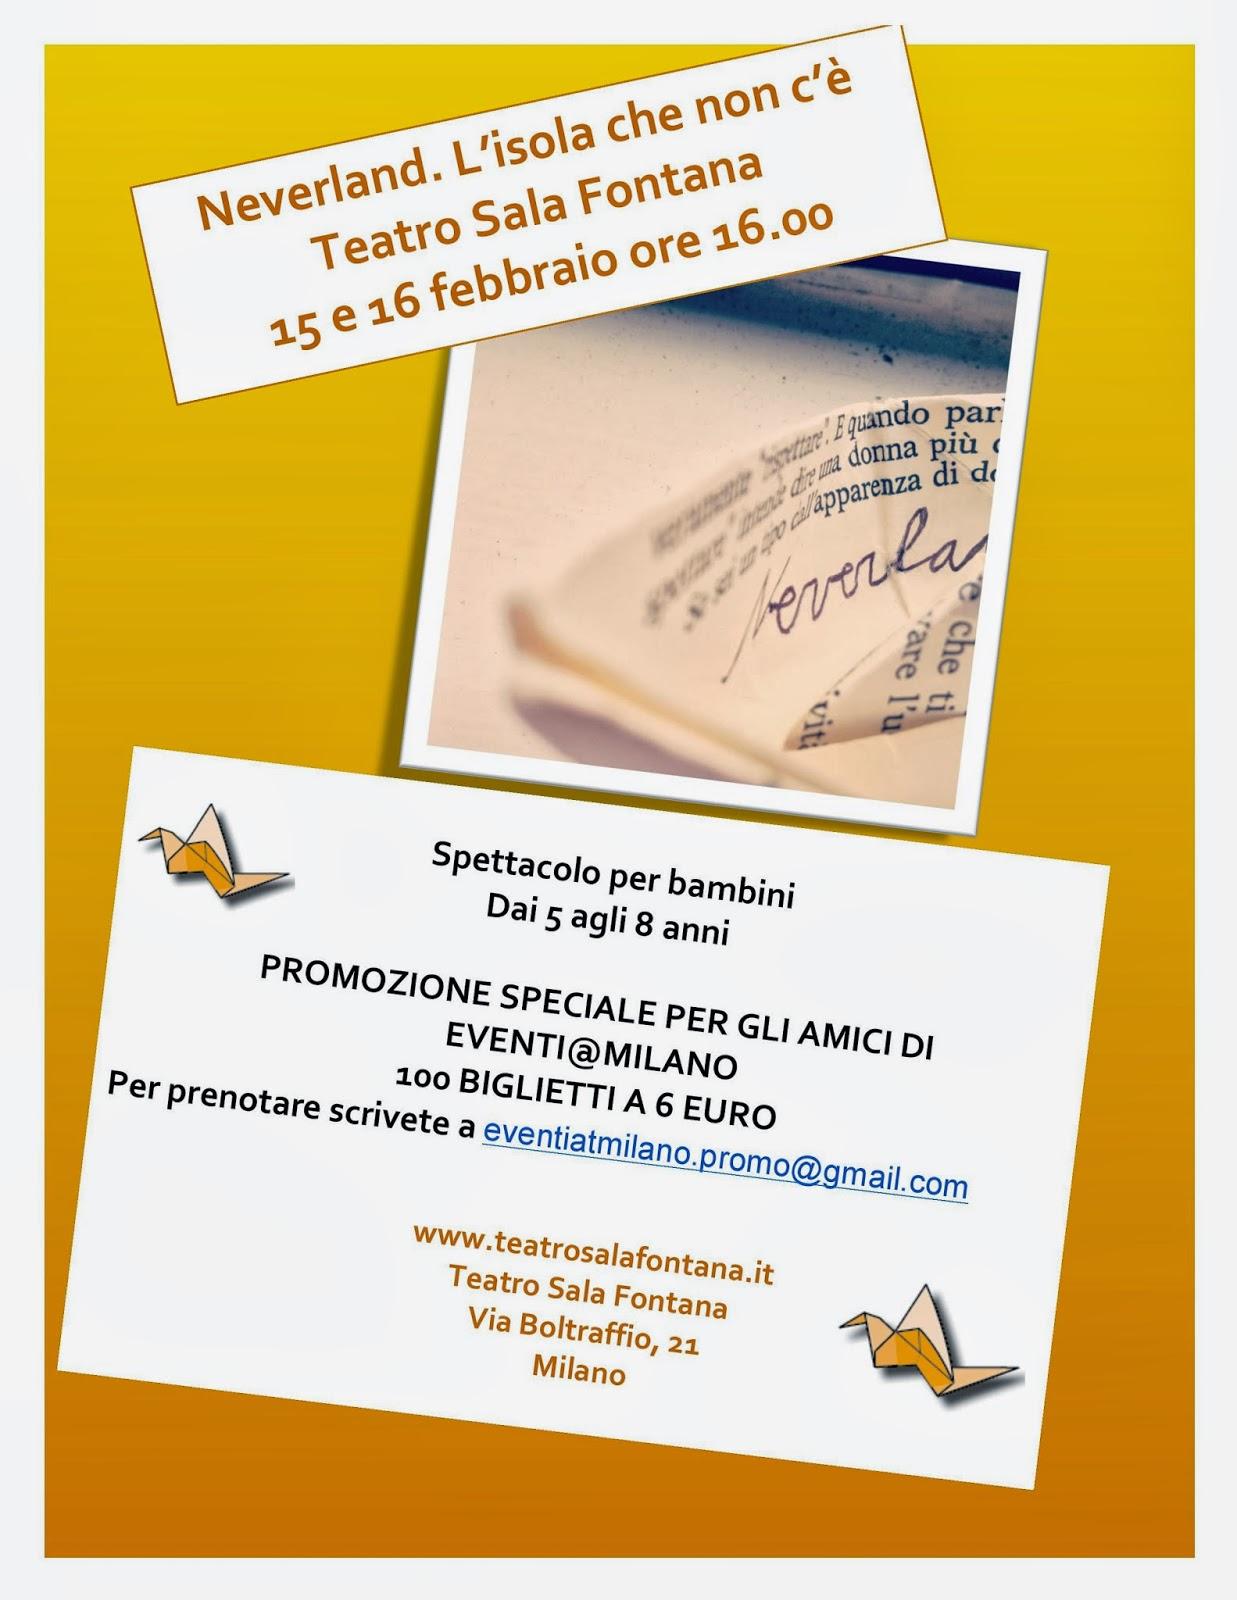 Sabato 15 e domenica 16 febbraio Teatro Sala Fontana di Milano biglietti in sconto per i lettori di e@m